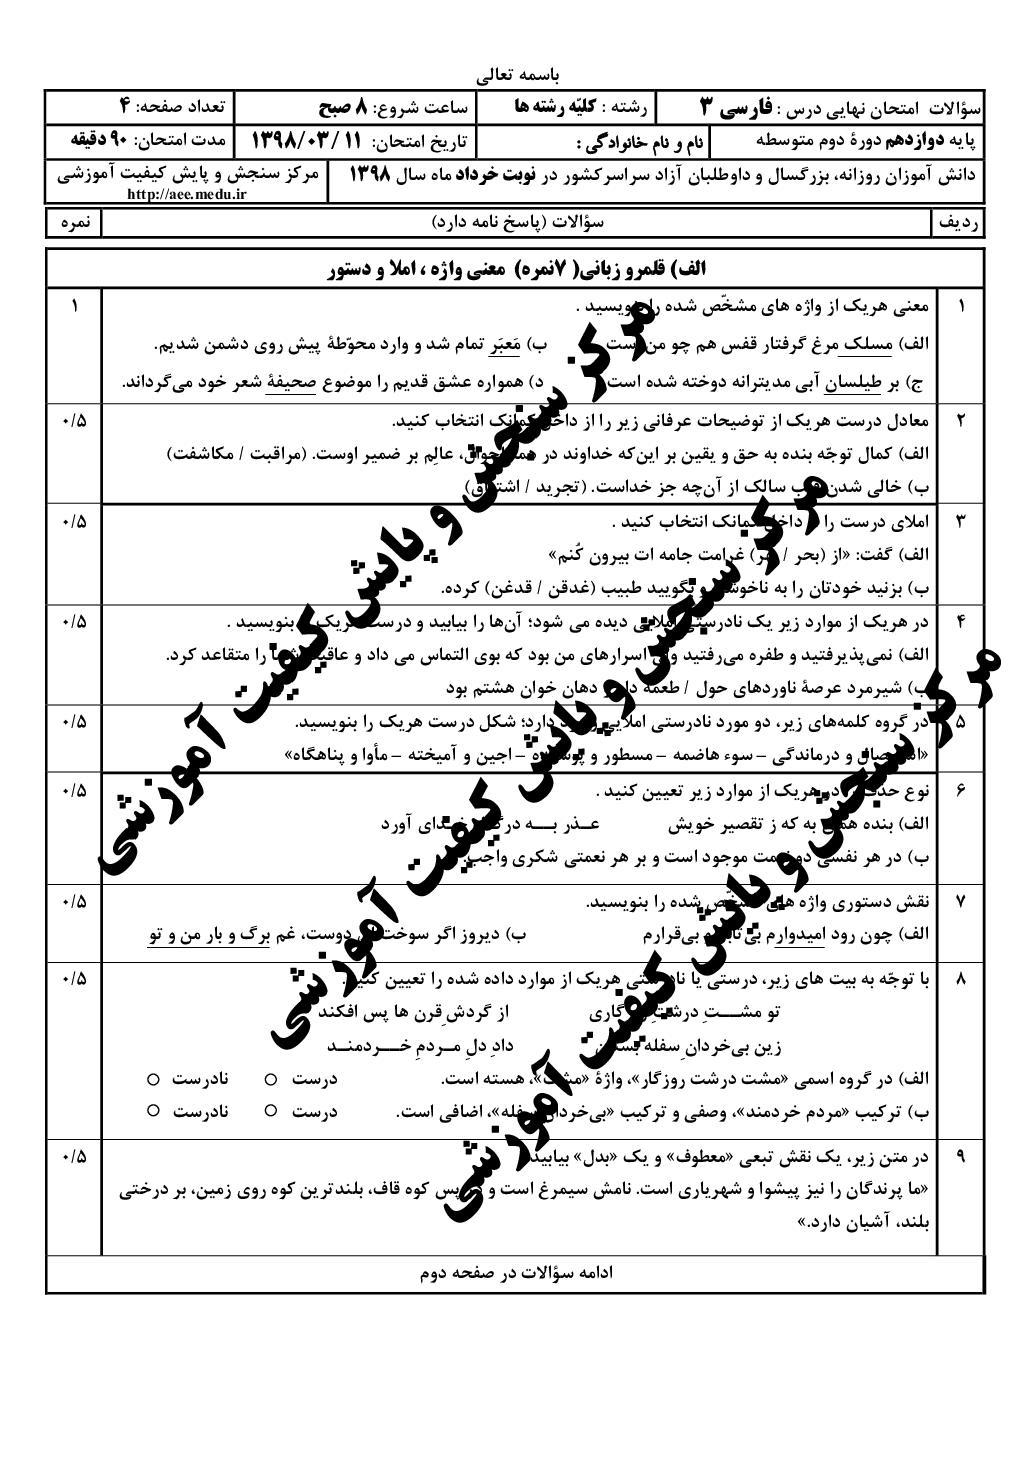 امتحان نهایی فارسی 3 - خرداد 98 (PDF)